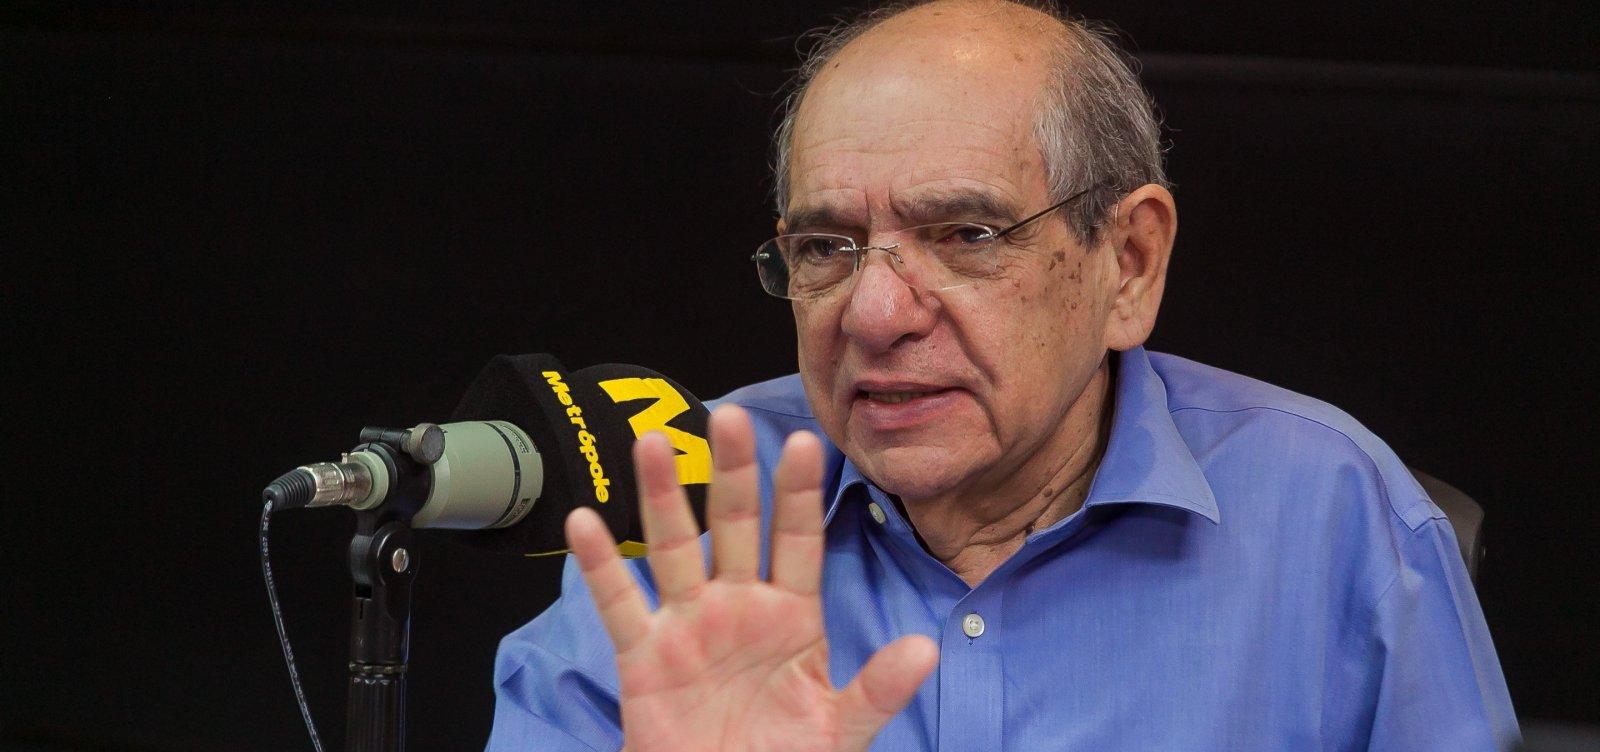 ['Sinto tristeza em ver o nosso país chegar tão baixo', diz MK sobre vídeo de Bolsonaro; ouça]